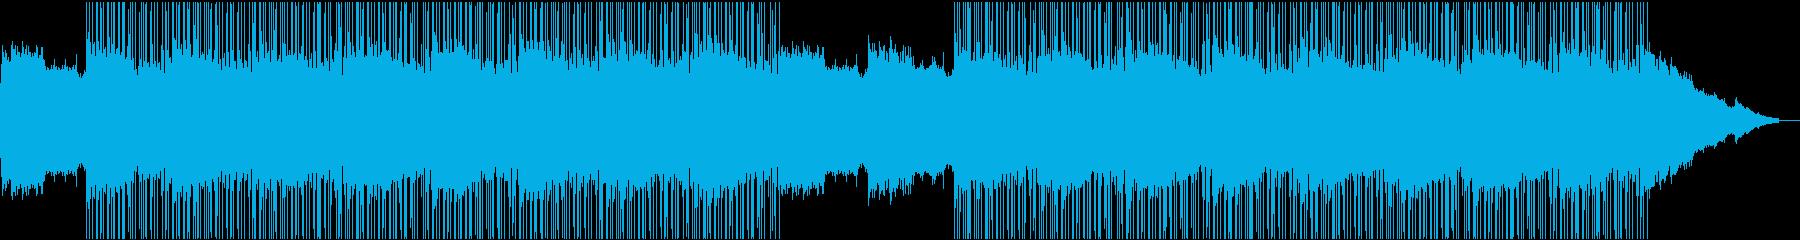 静寂 ボイス 真夜中のローファイの再生済みの波形